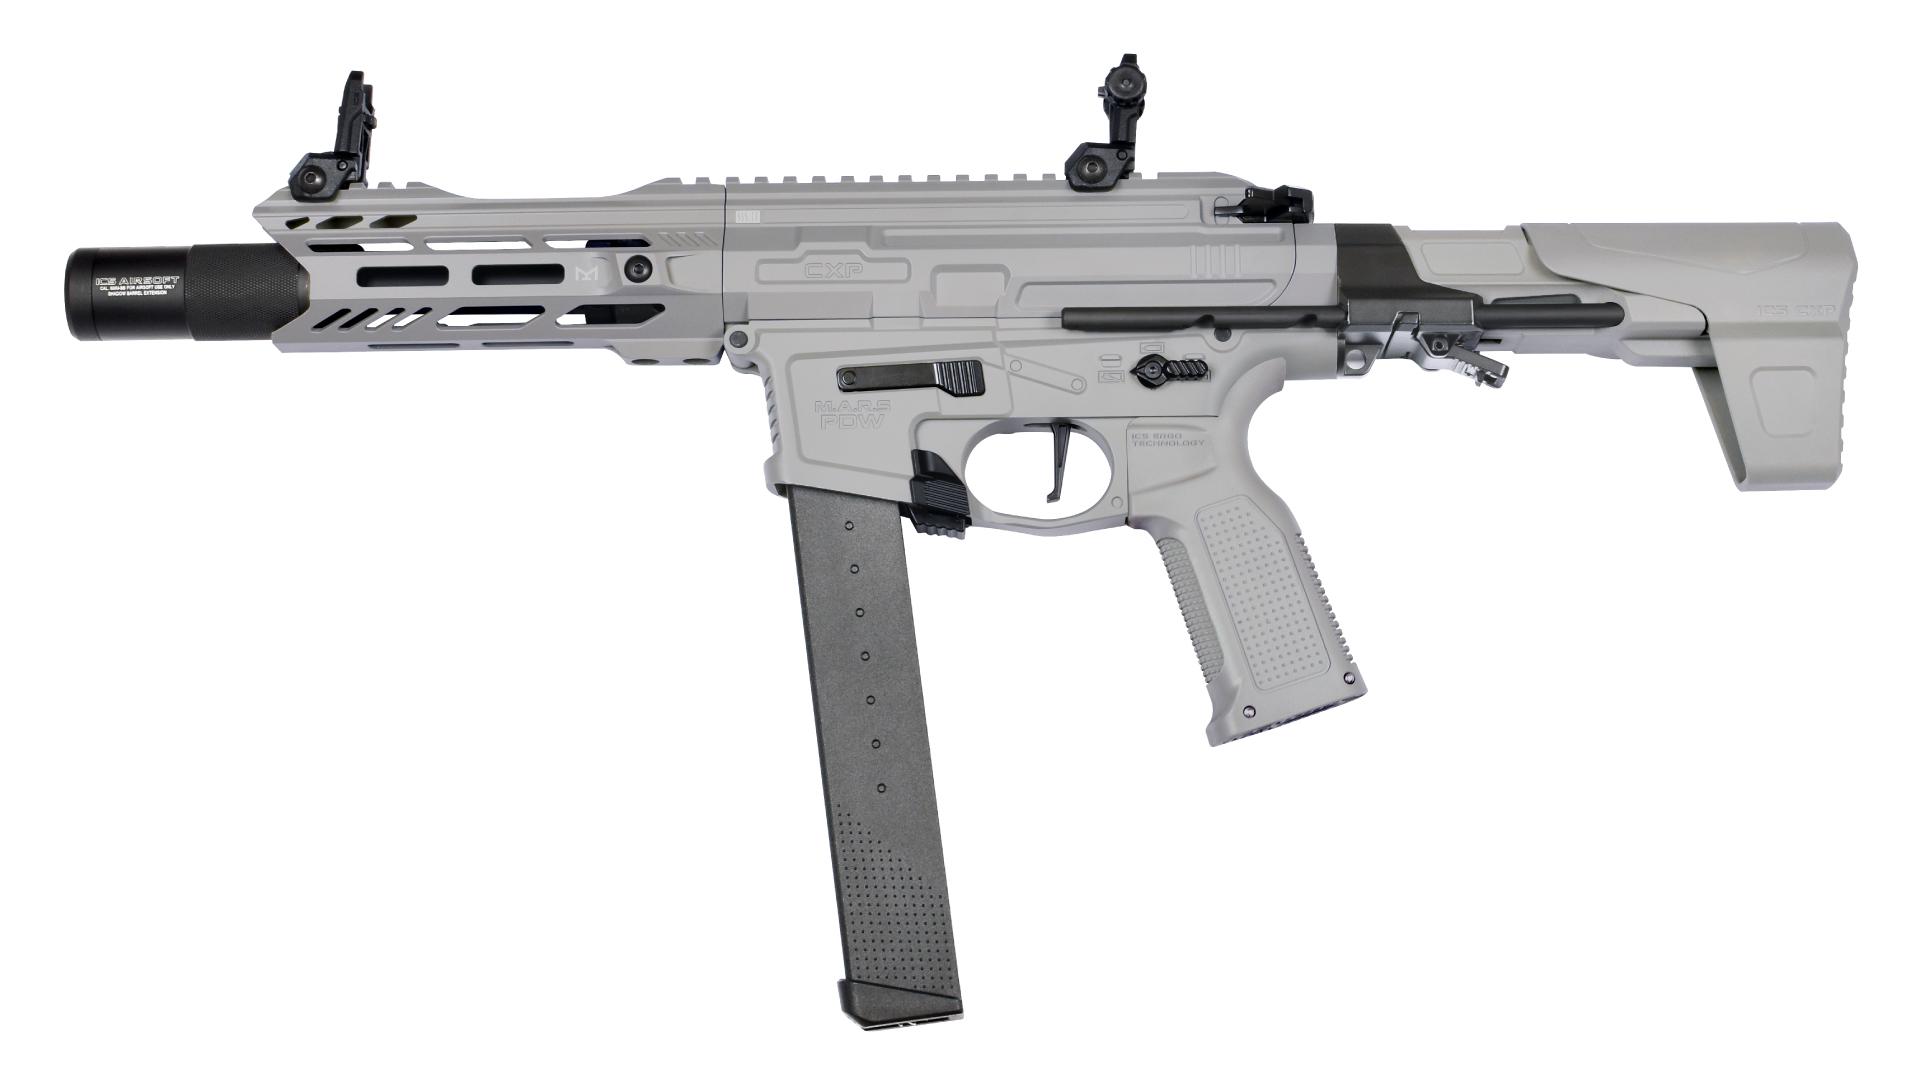 CXP-MARS PDW9智能電動玩具槍